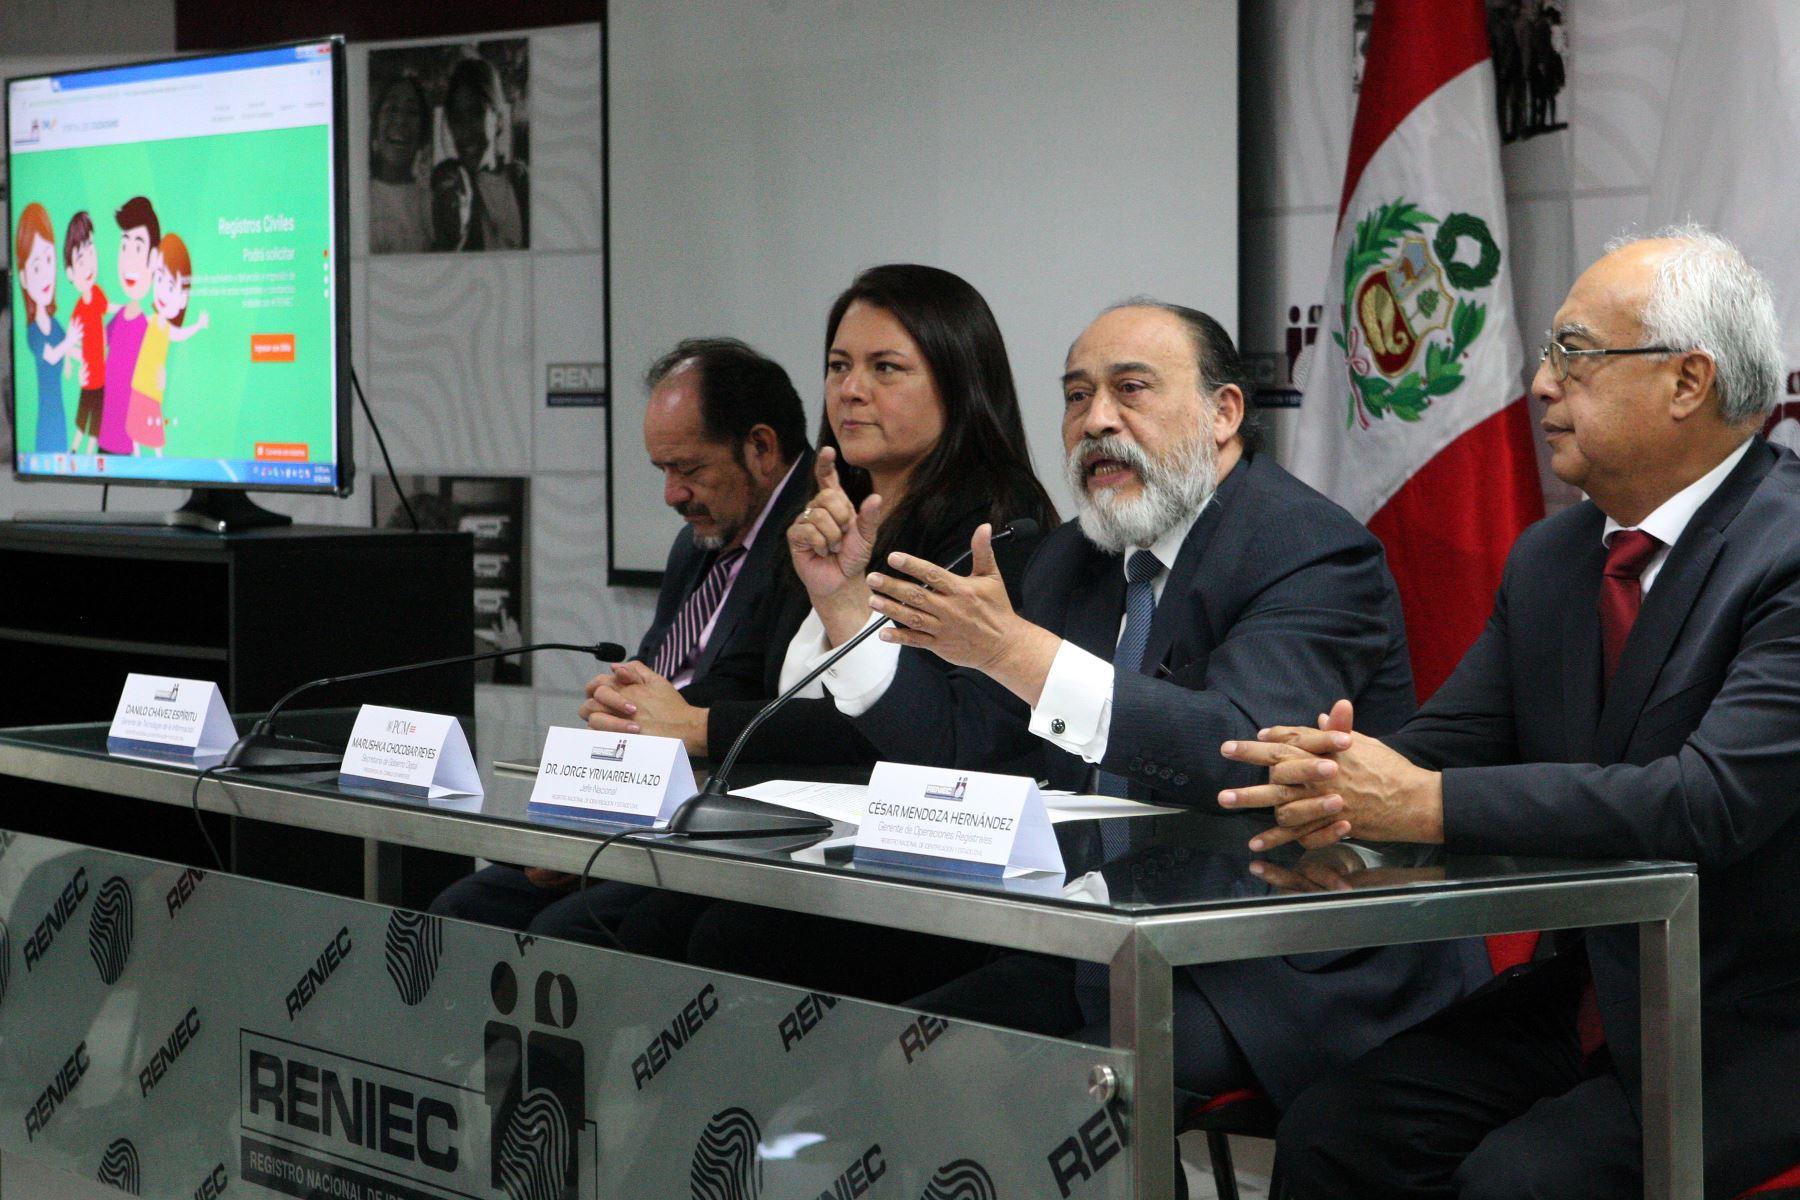 Presentación del Portal Ciudadano del Reniec. Foto: ANDINA/Héctor Vinces